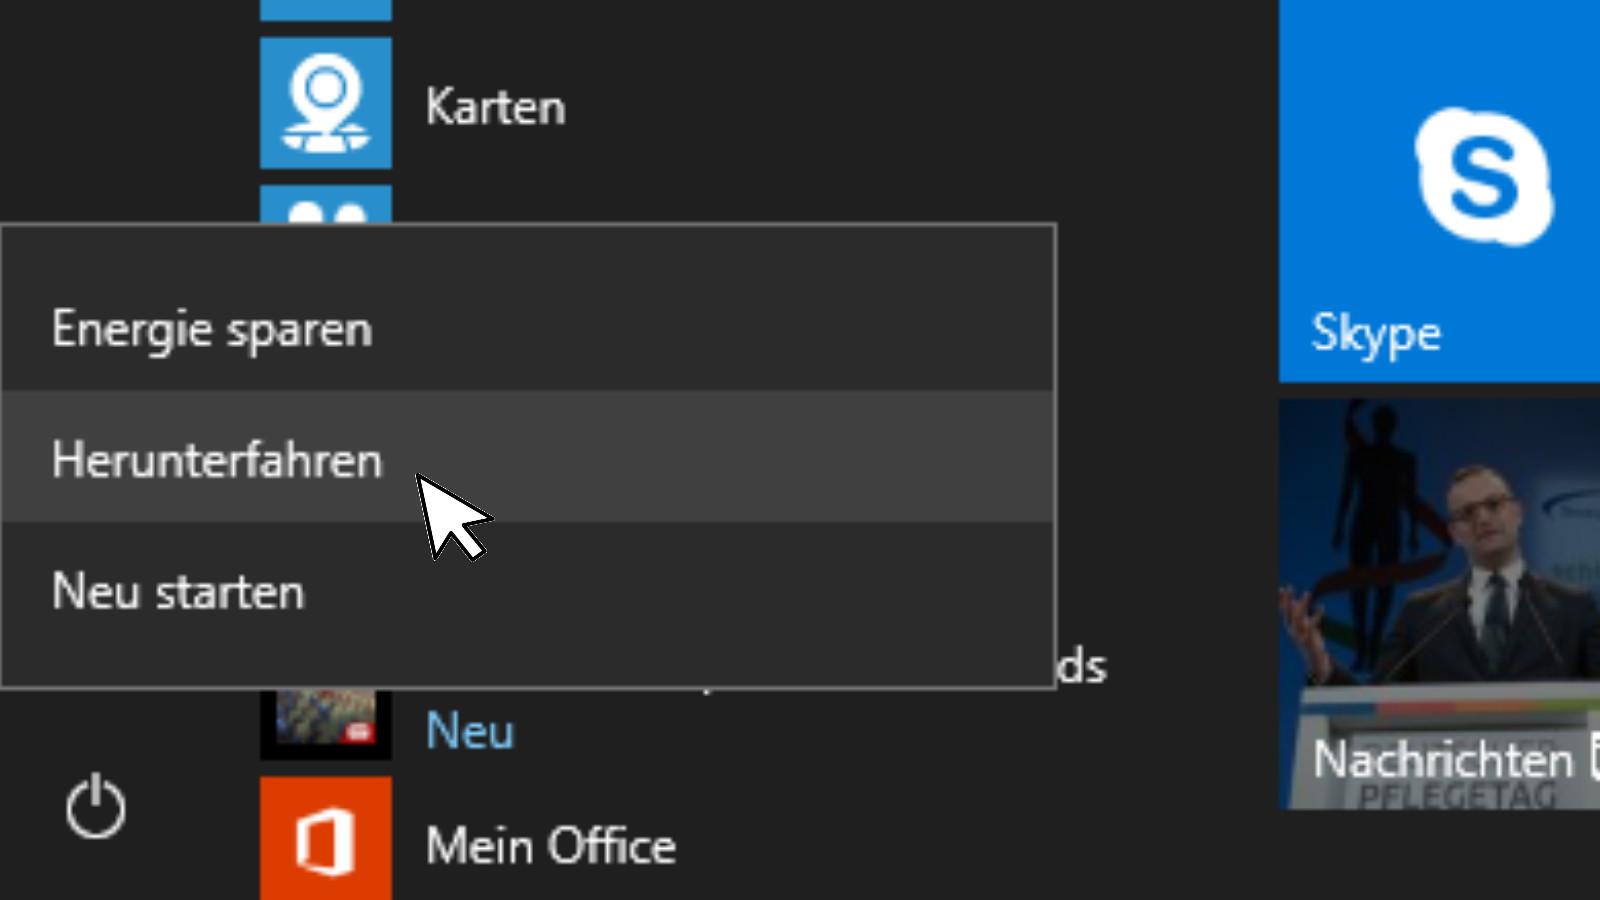 Windows 10 Schnelles Herunterfahren